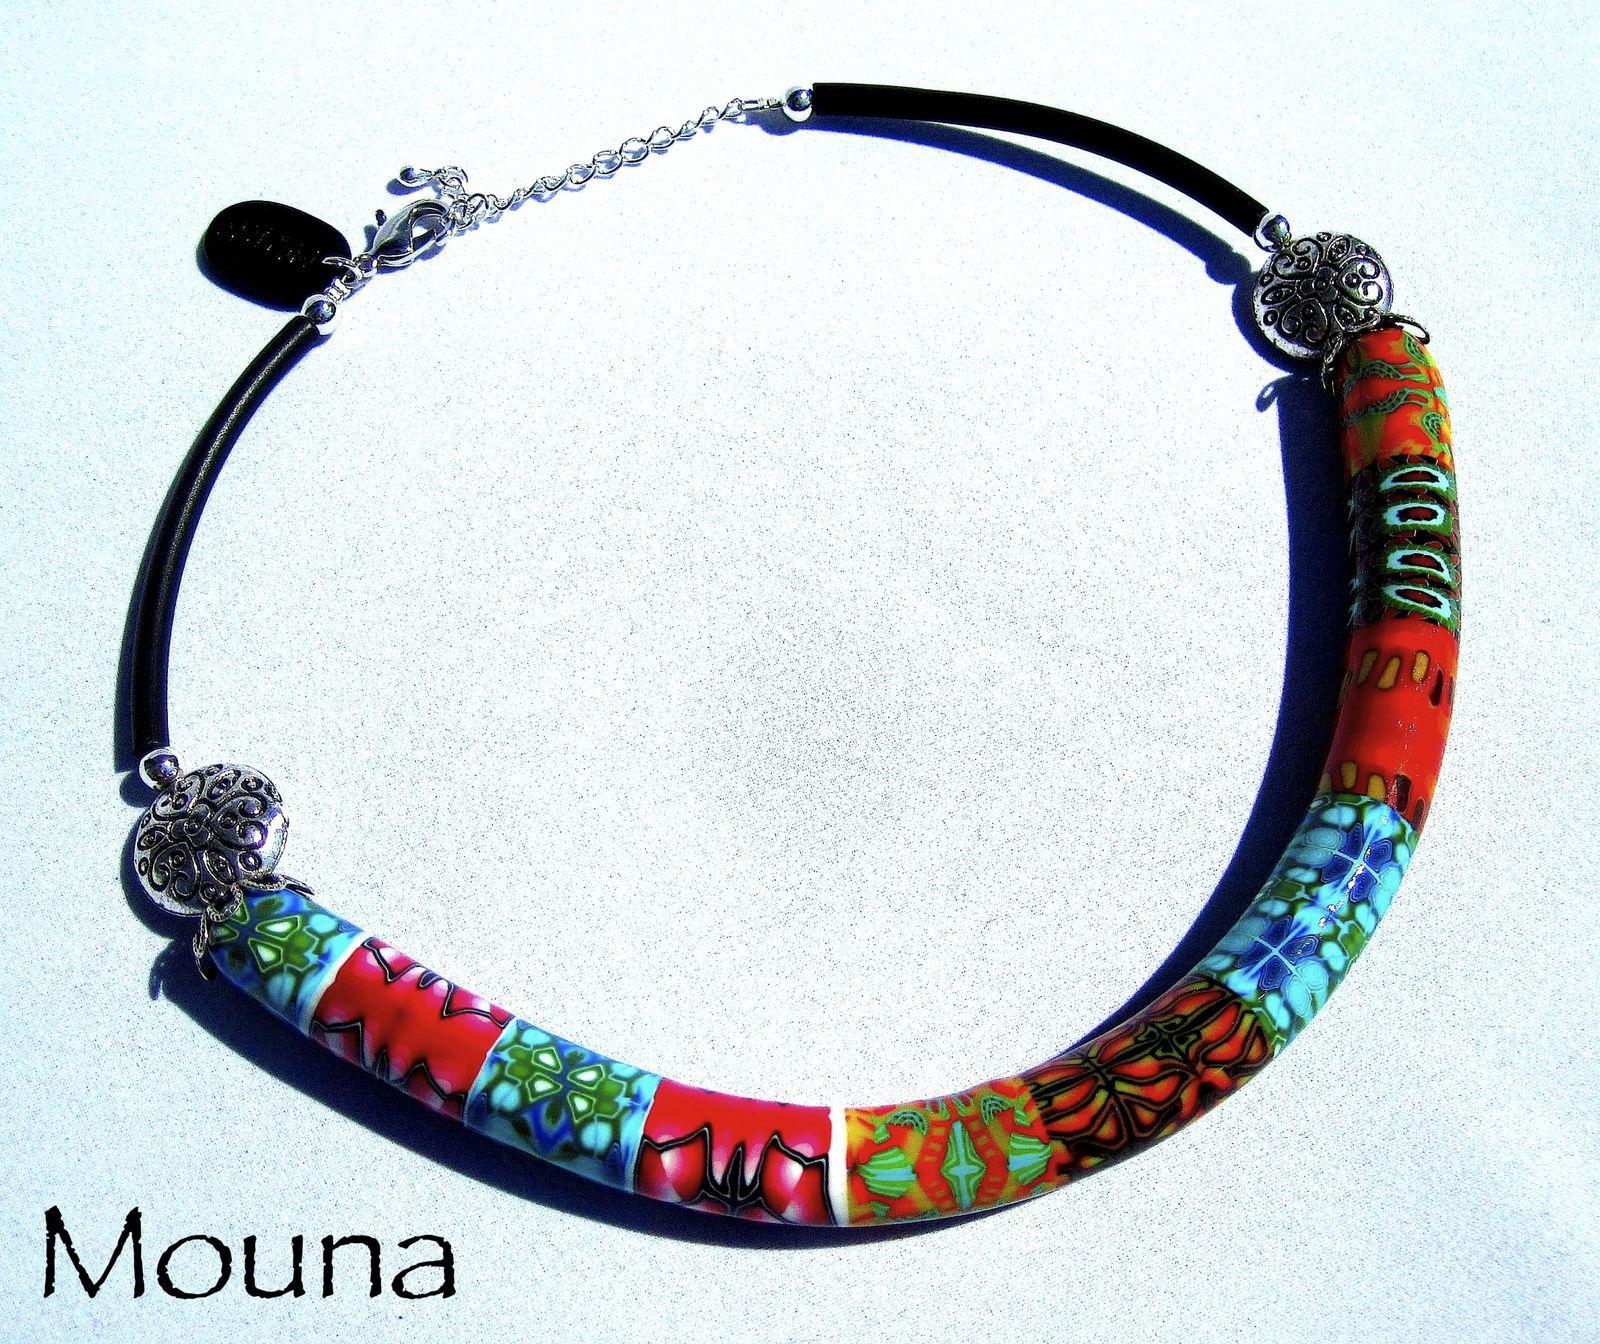 Tarifs: 20 à 40 euros/collier ou sautoir (pour connaitre le prix et la disponibilité, cliquez sur le collier ou le sautoir).